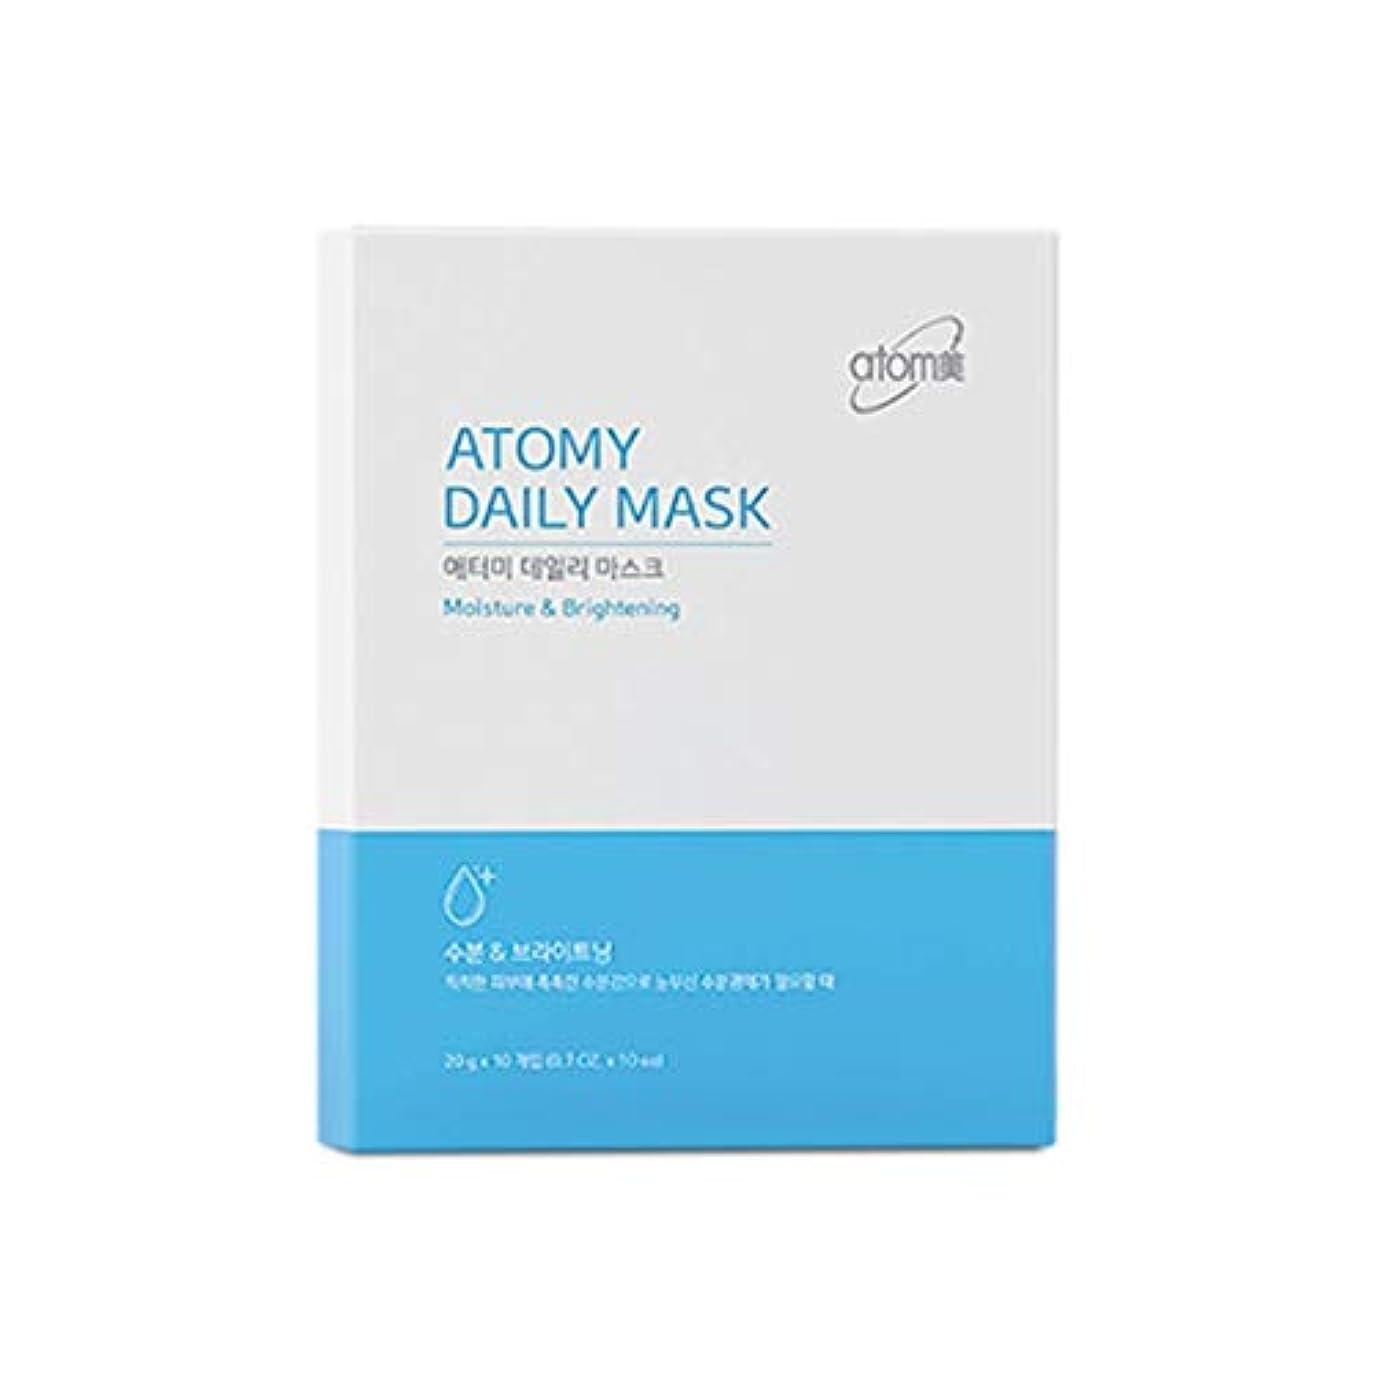 どうやらリッチピンチ[NEW] Atomy Daily Mask Sheet 10 Pack- Moisture & Brightening アトミ 自然由来の成分と4つの特許成分マスクパック(並行輸入品)